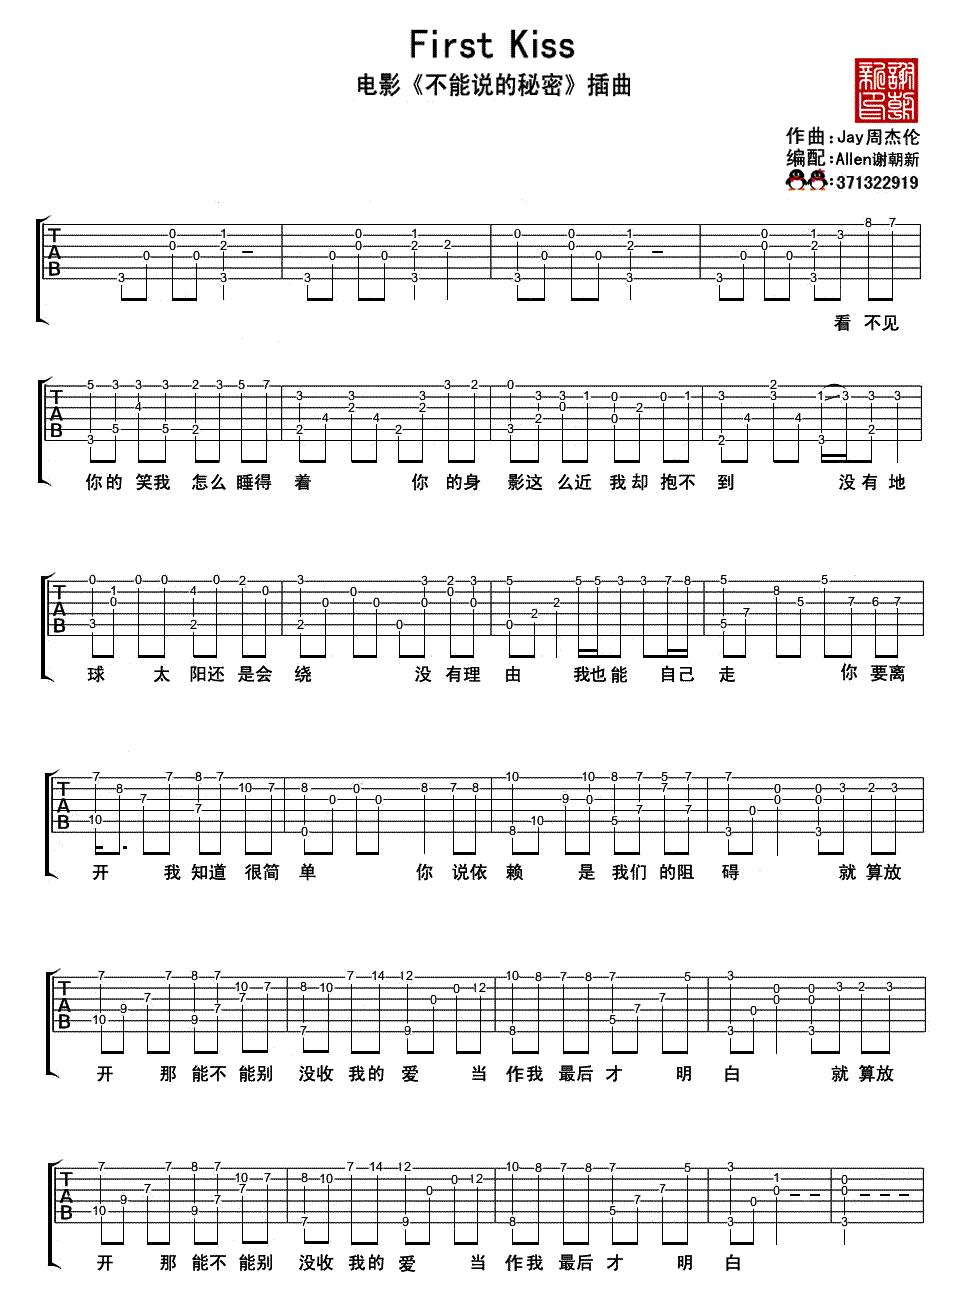 《周杰伦 first kiss》吉他谱图片